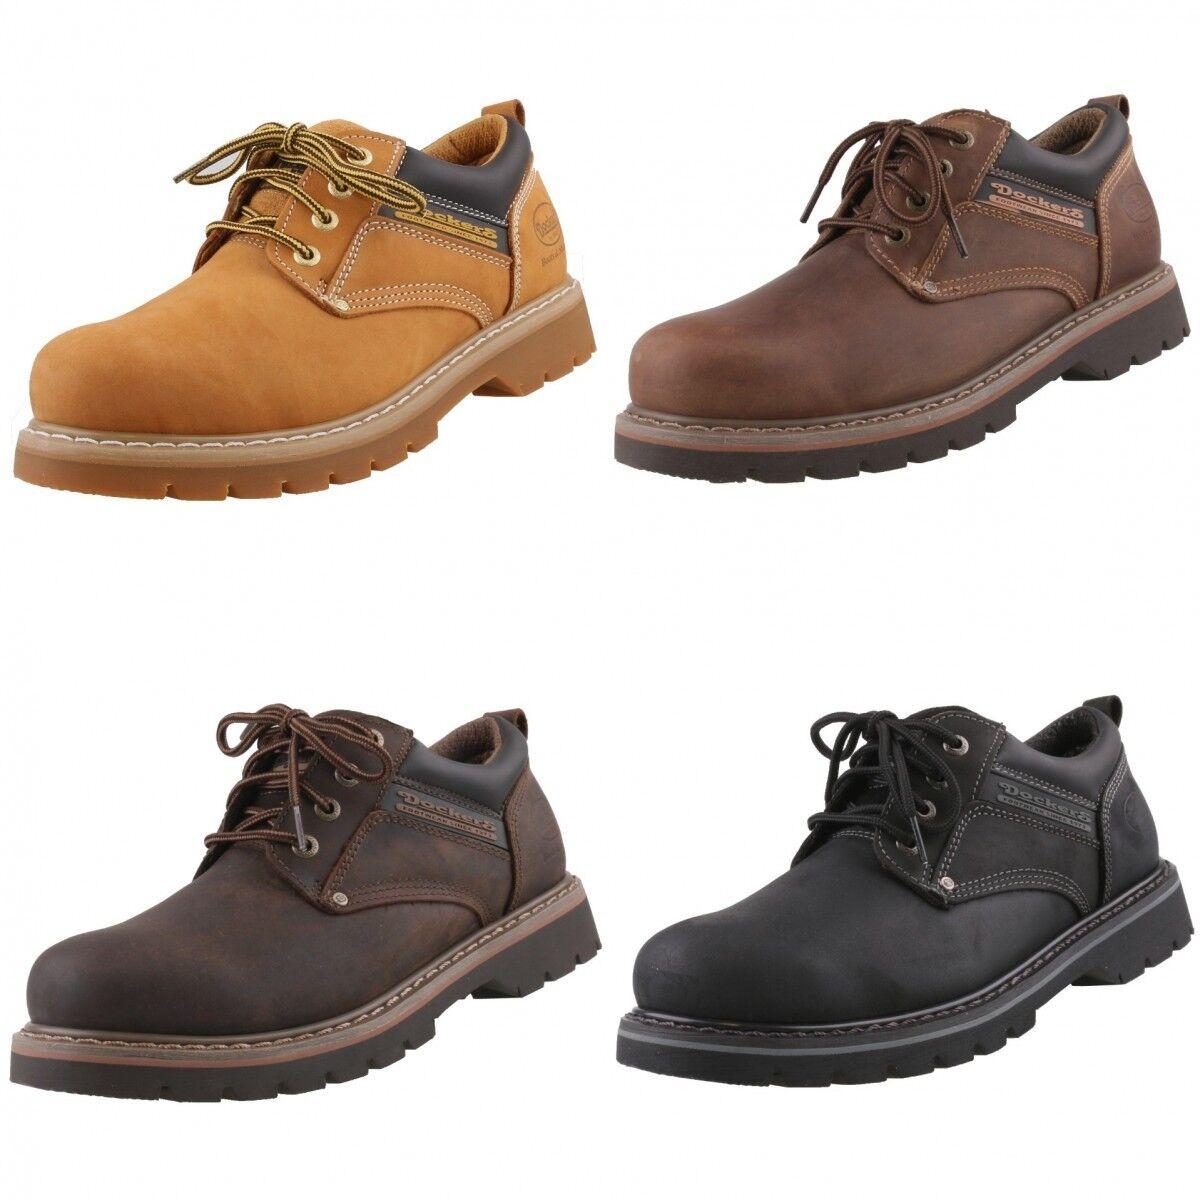 DOCKERS rahmengenähte Herrenschuhe Boots Leder Schuhe Halbschuhe Schnürschuhe